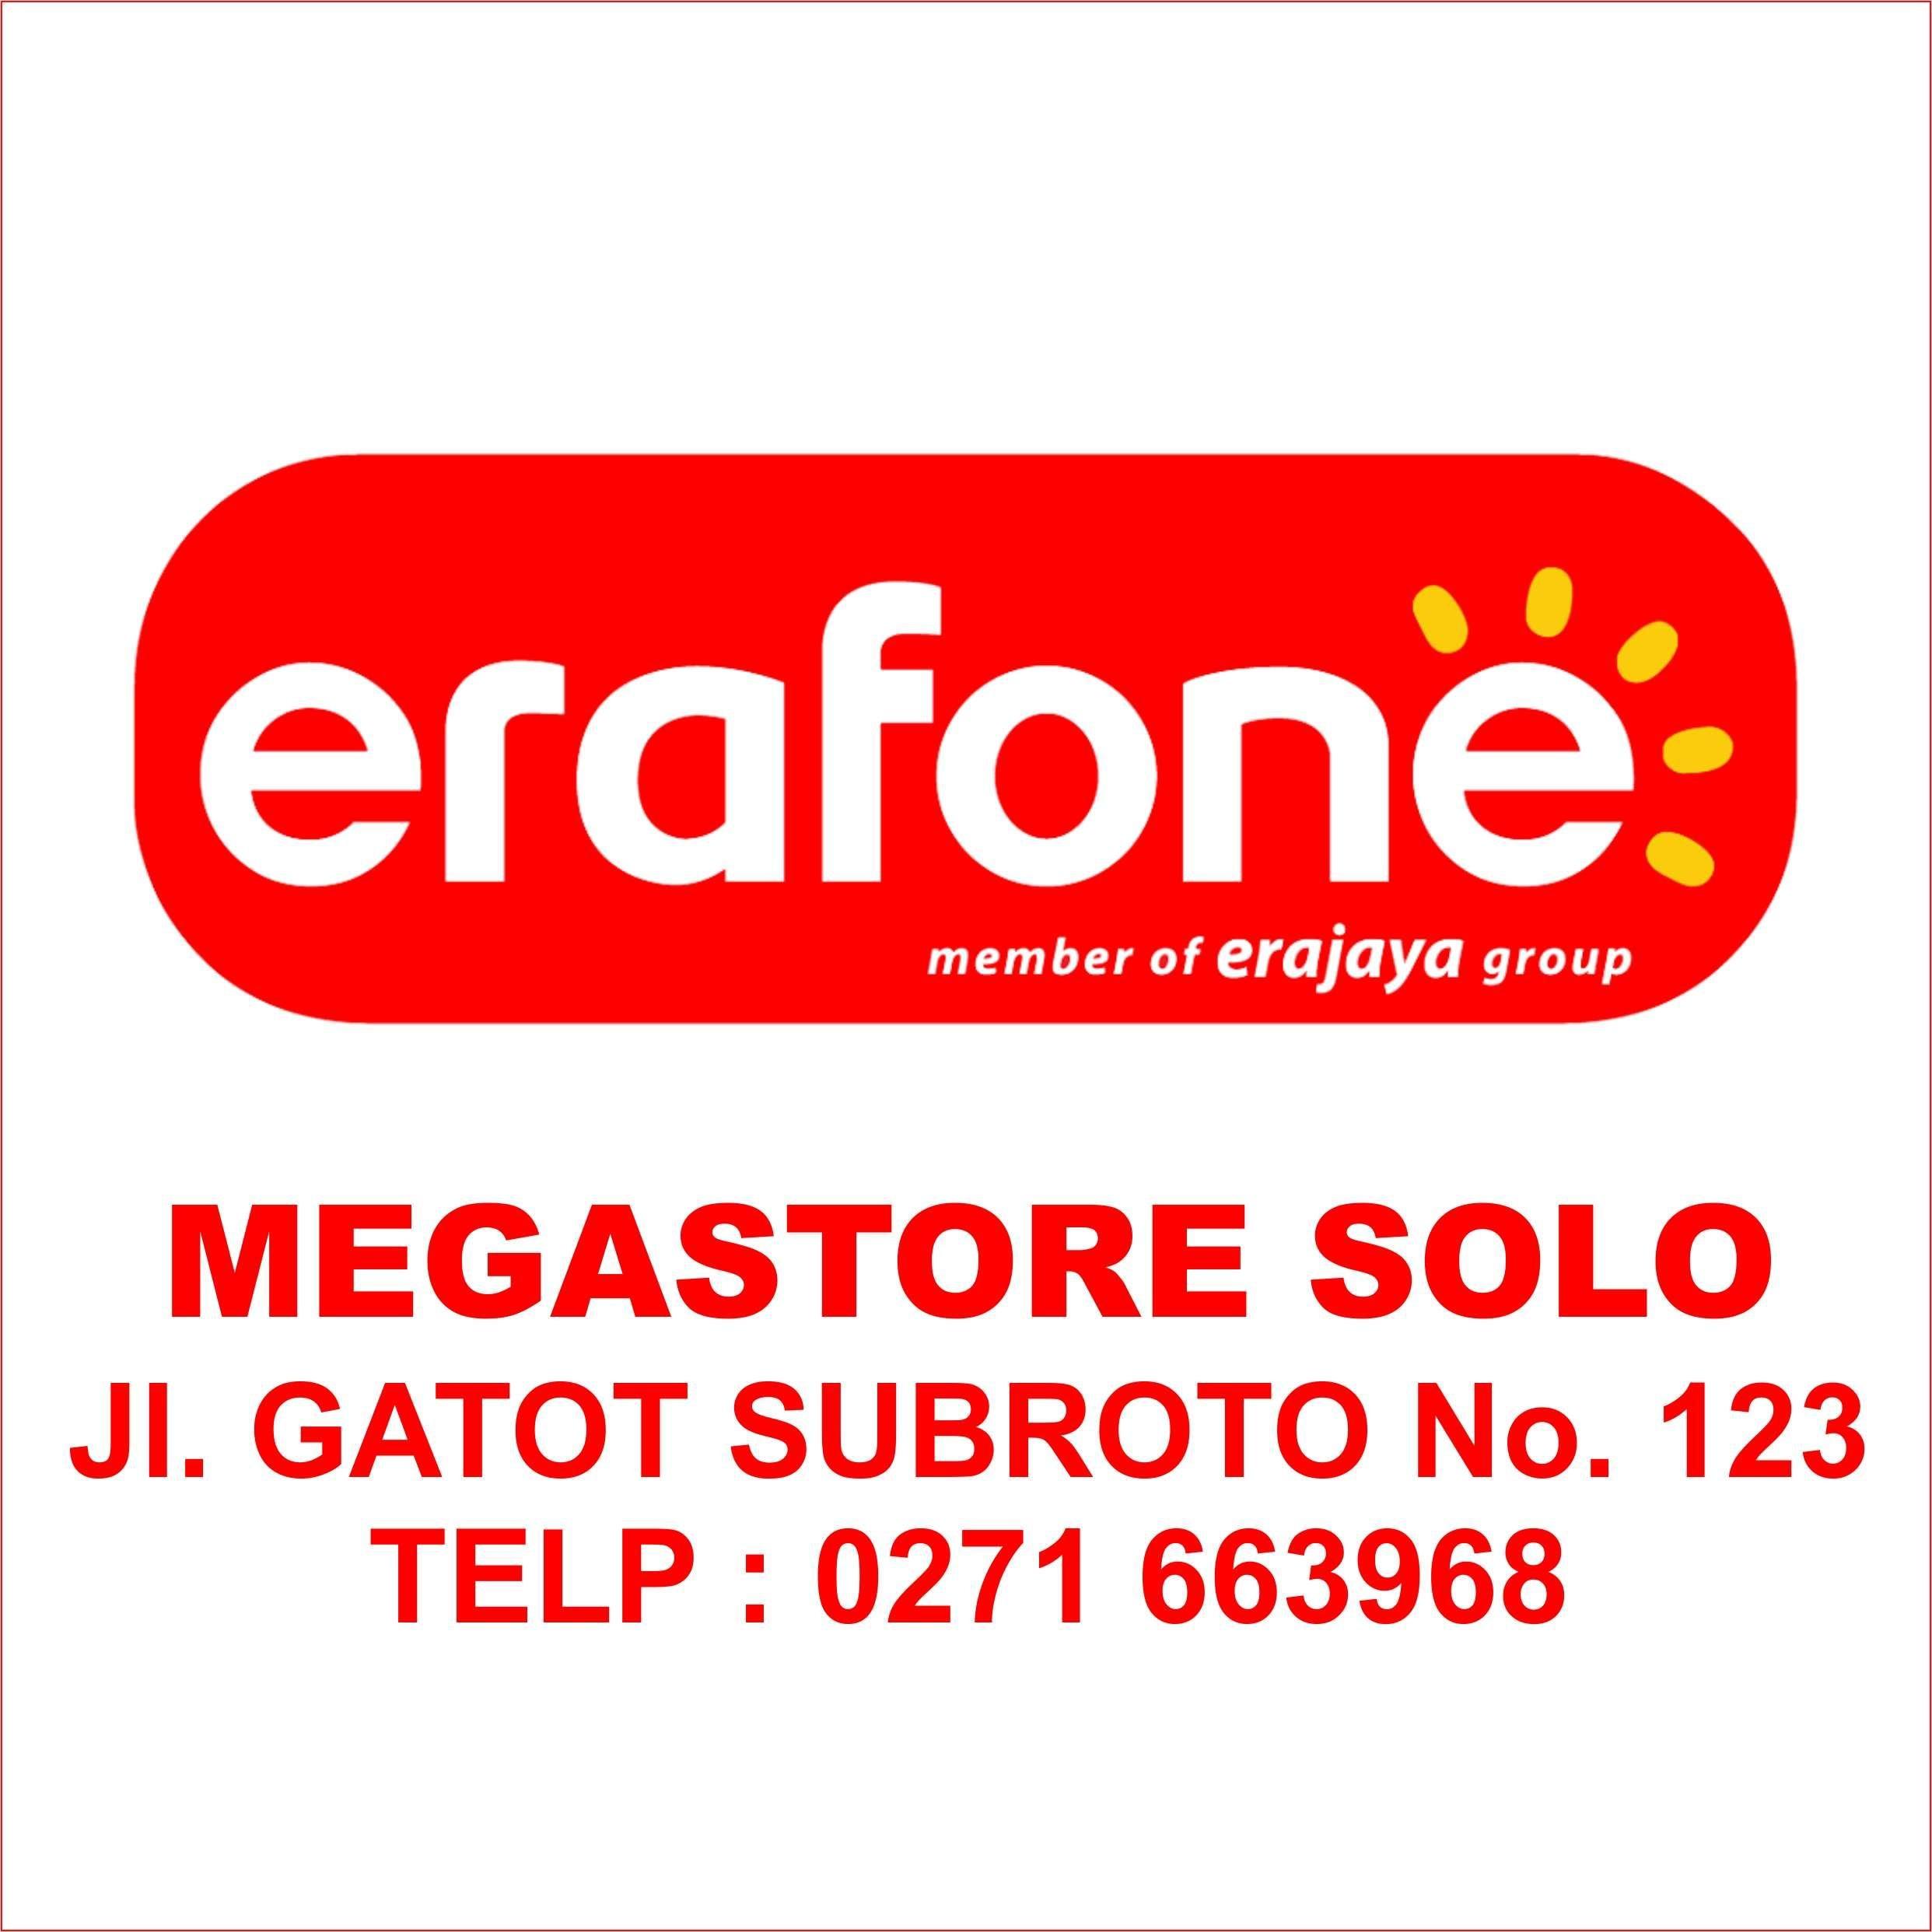 Erafone gatotsubroto on twitter erafone gatotsubroto reheart Choice Image